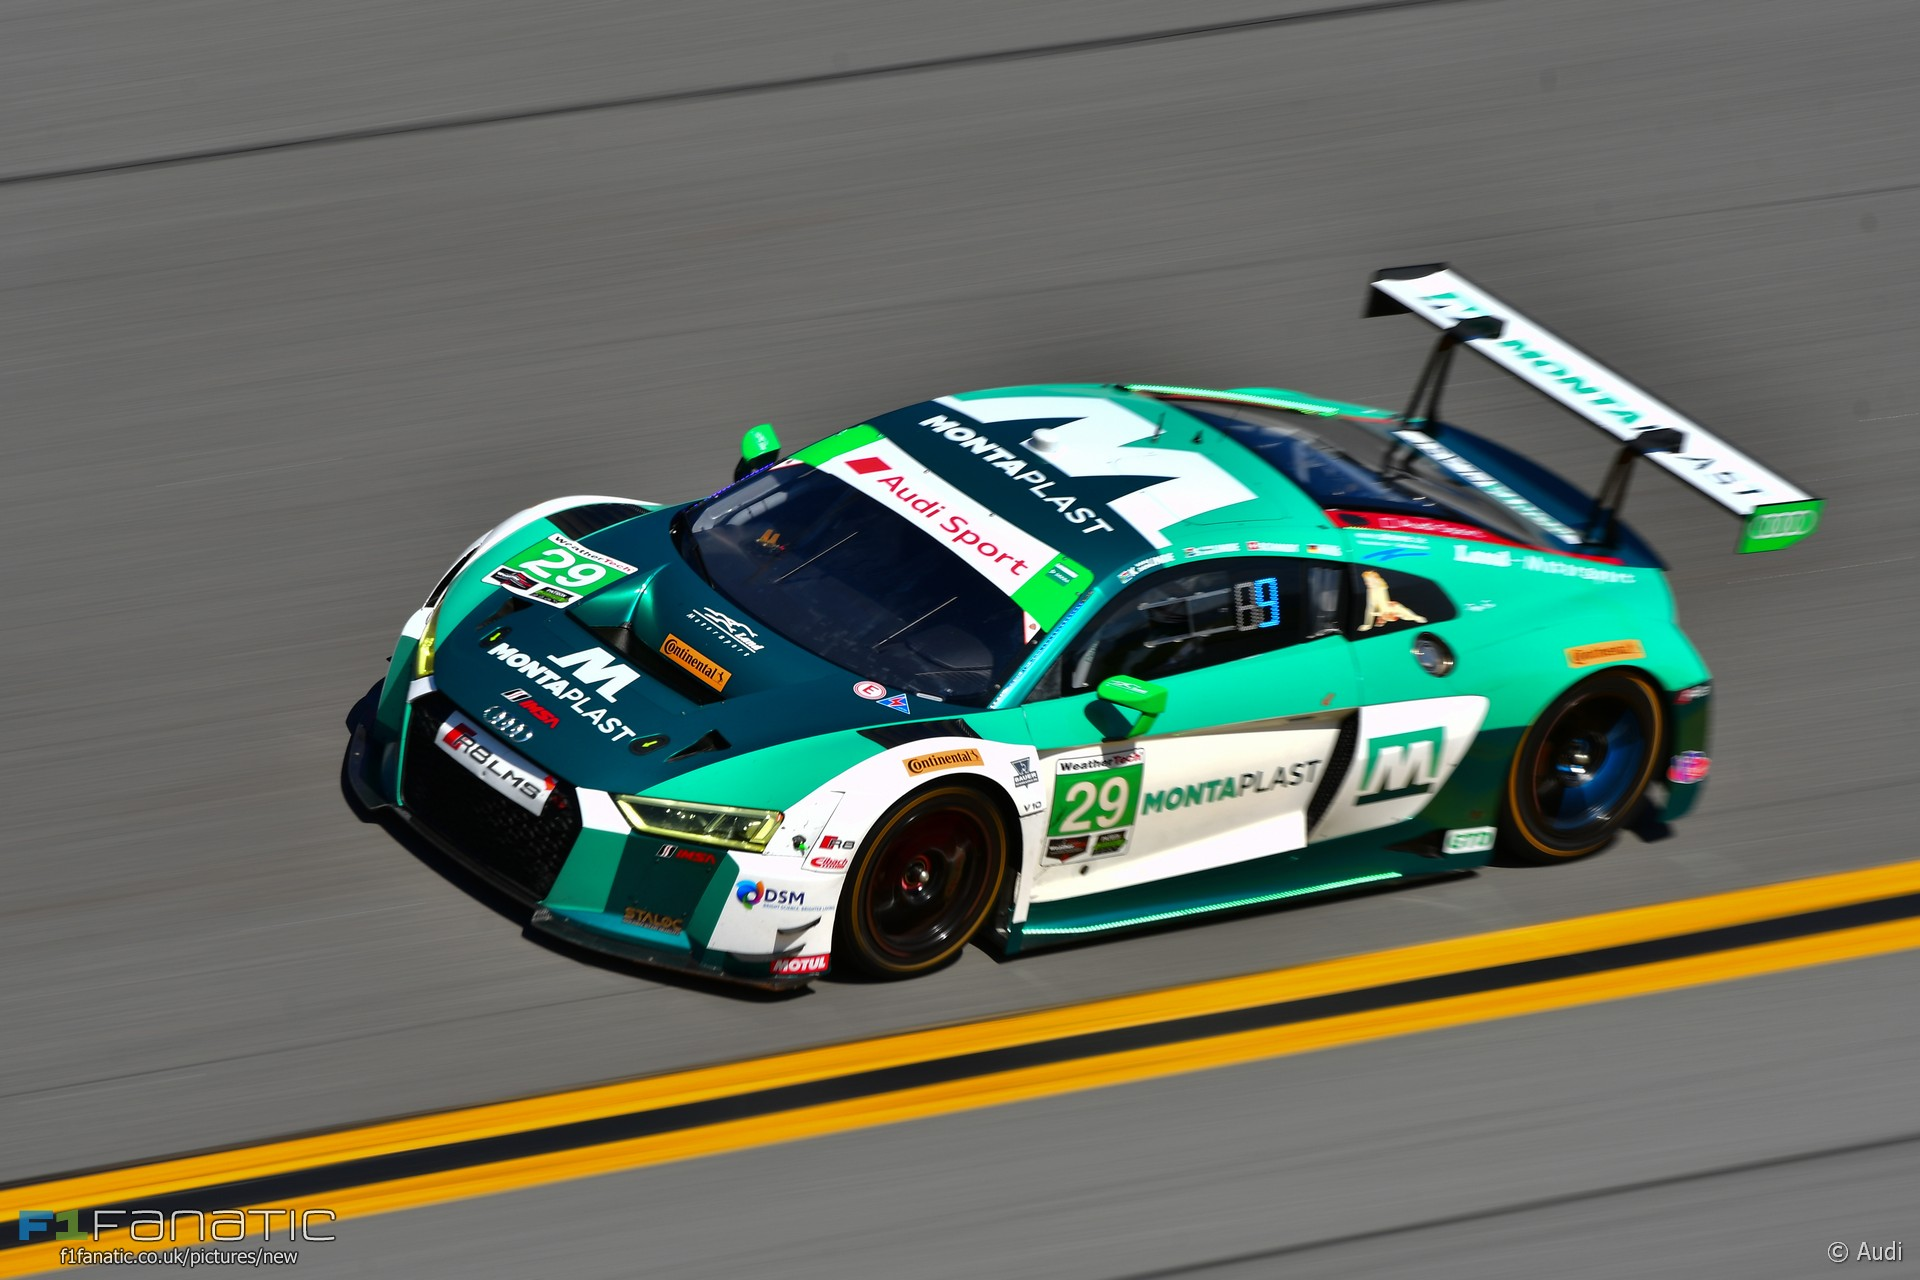 Land Motorsport Audi R8 Lms Gt3 Daytona 24 Hours 2018 Racefans